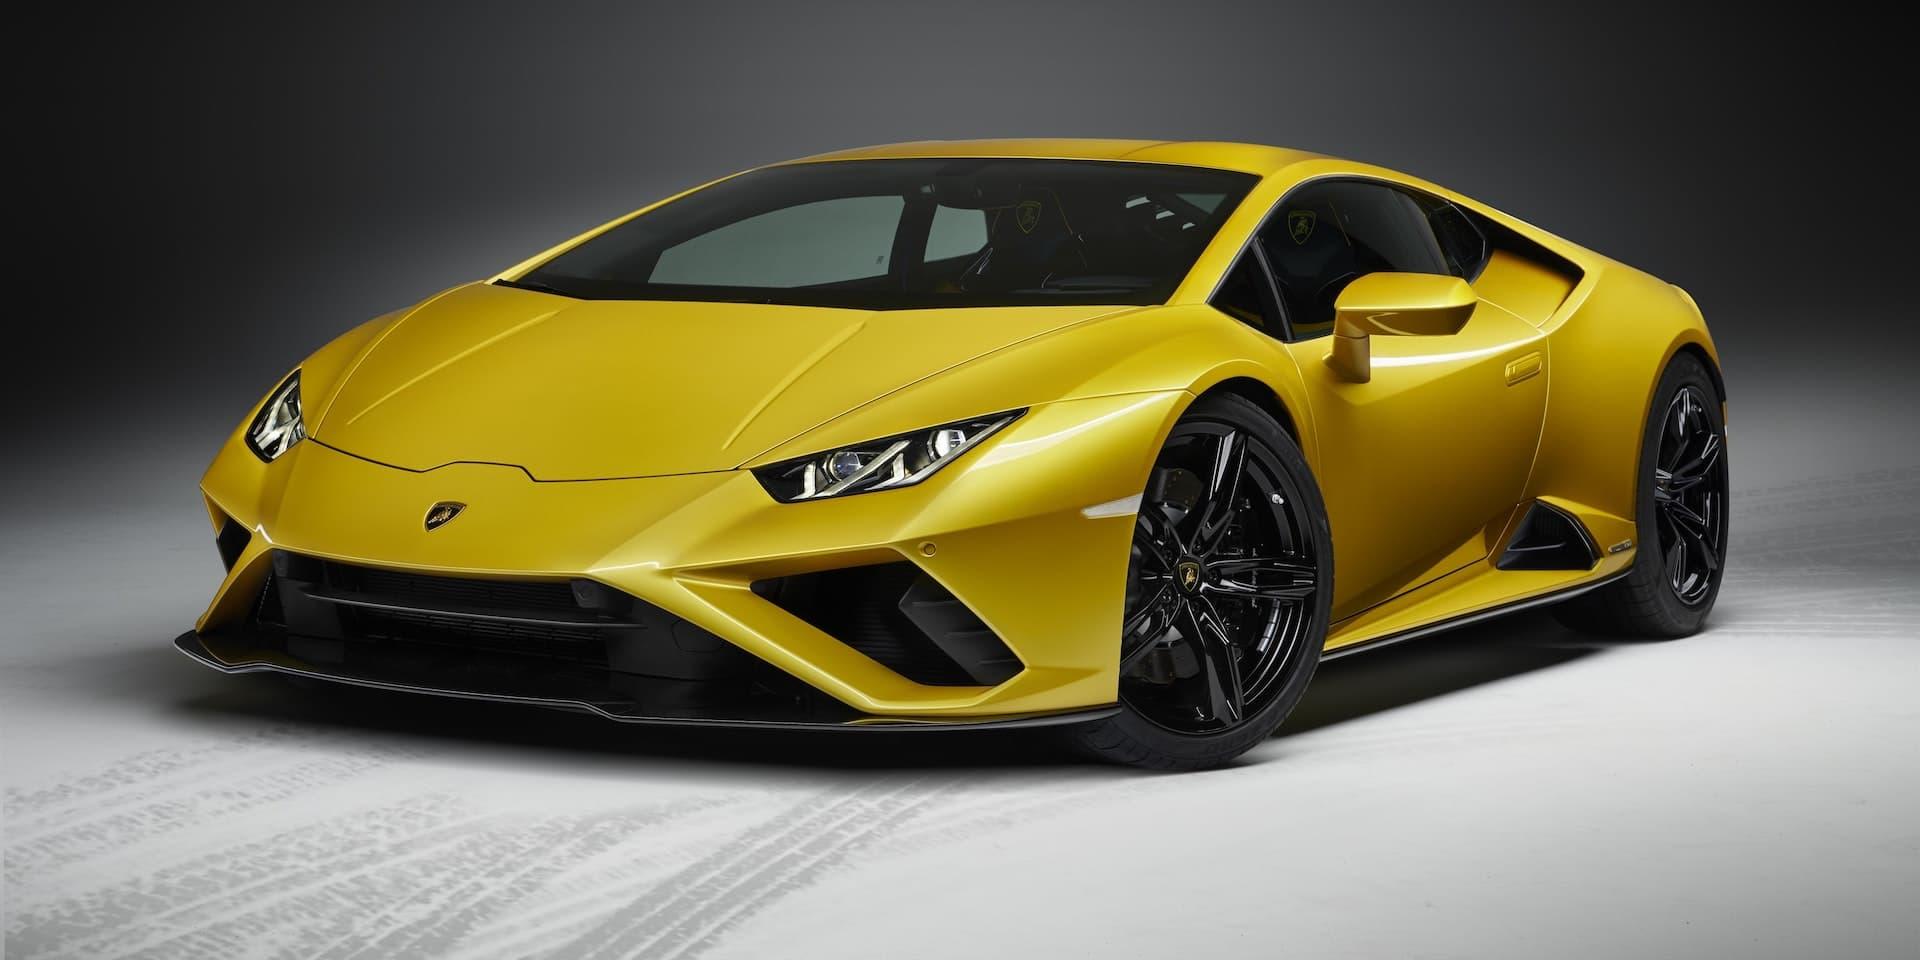 Lamborghini Huravan Evo RWD | The Car Expert